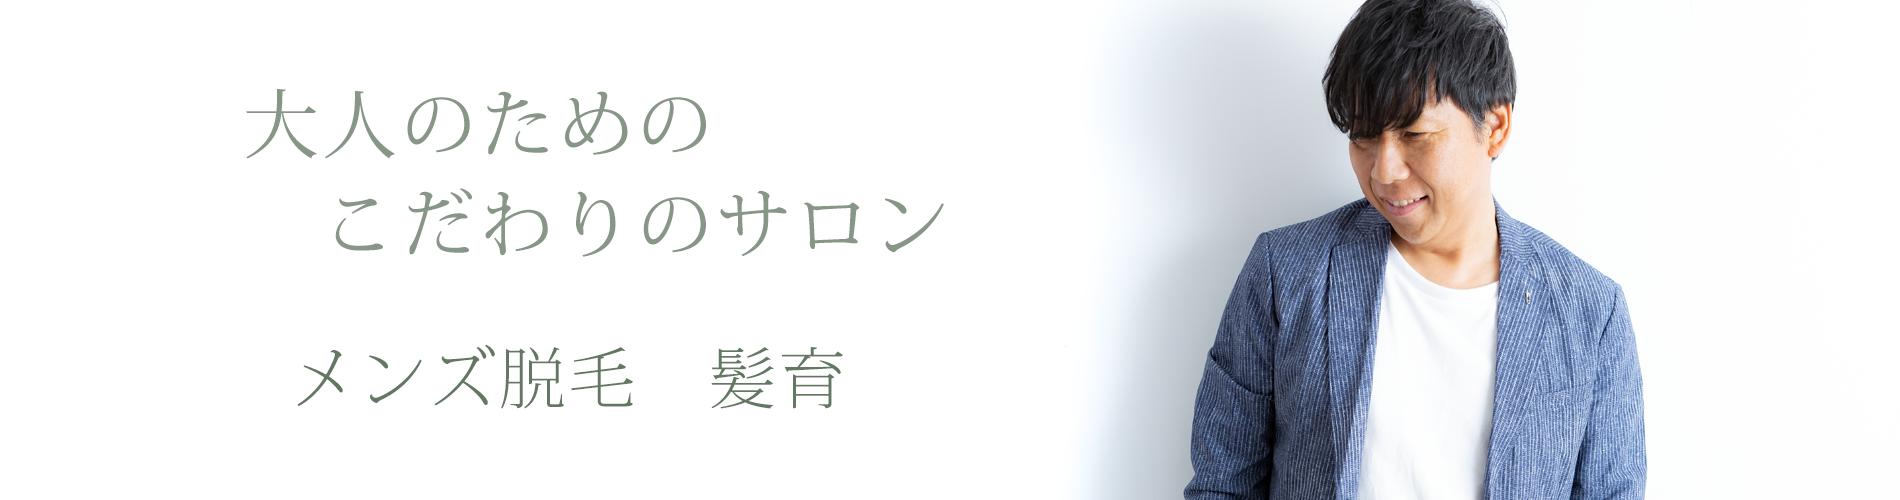 名古屋市守山区のエステスクール|髪育|脱毛|トータルプロデュースKirei